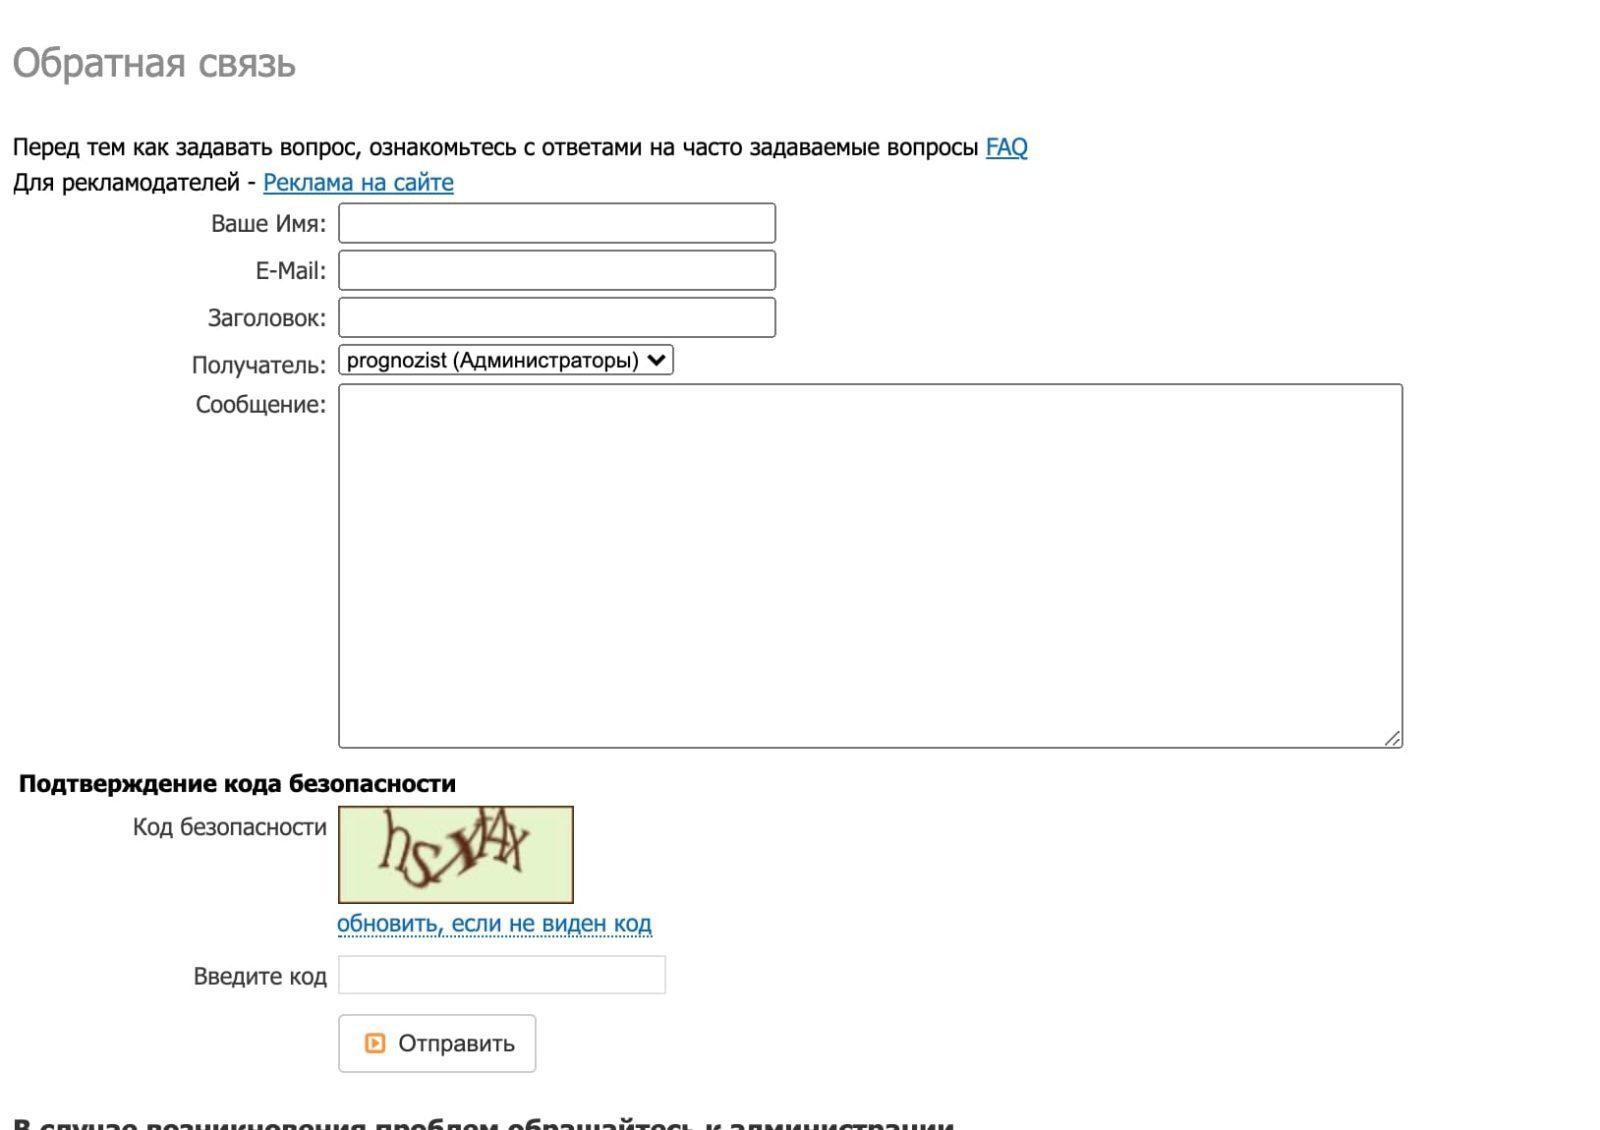 Обратная связь на сайте www Prognozist ru